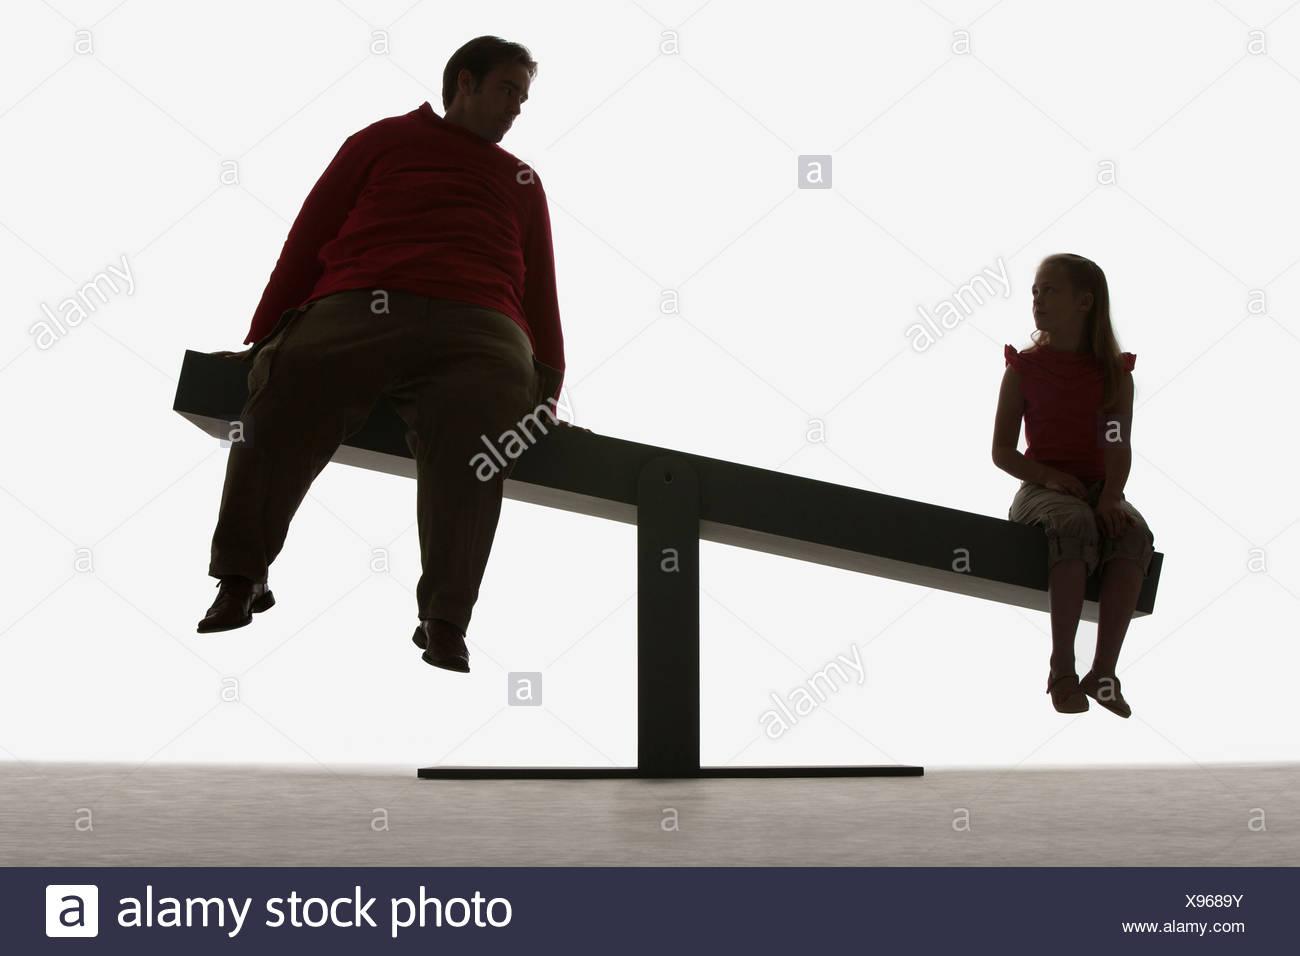 El hombre y la muchacha sentada en los extremos de un tablón Imagen De Stock